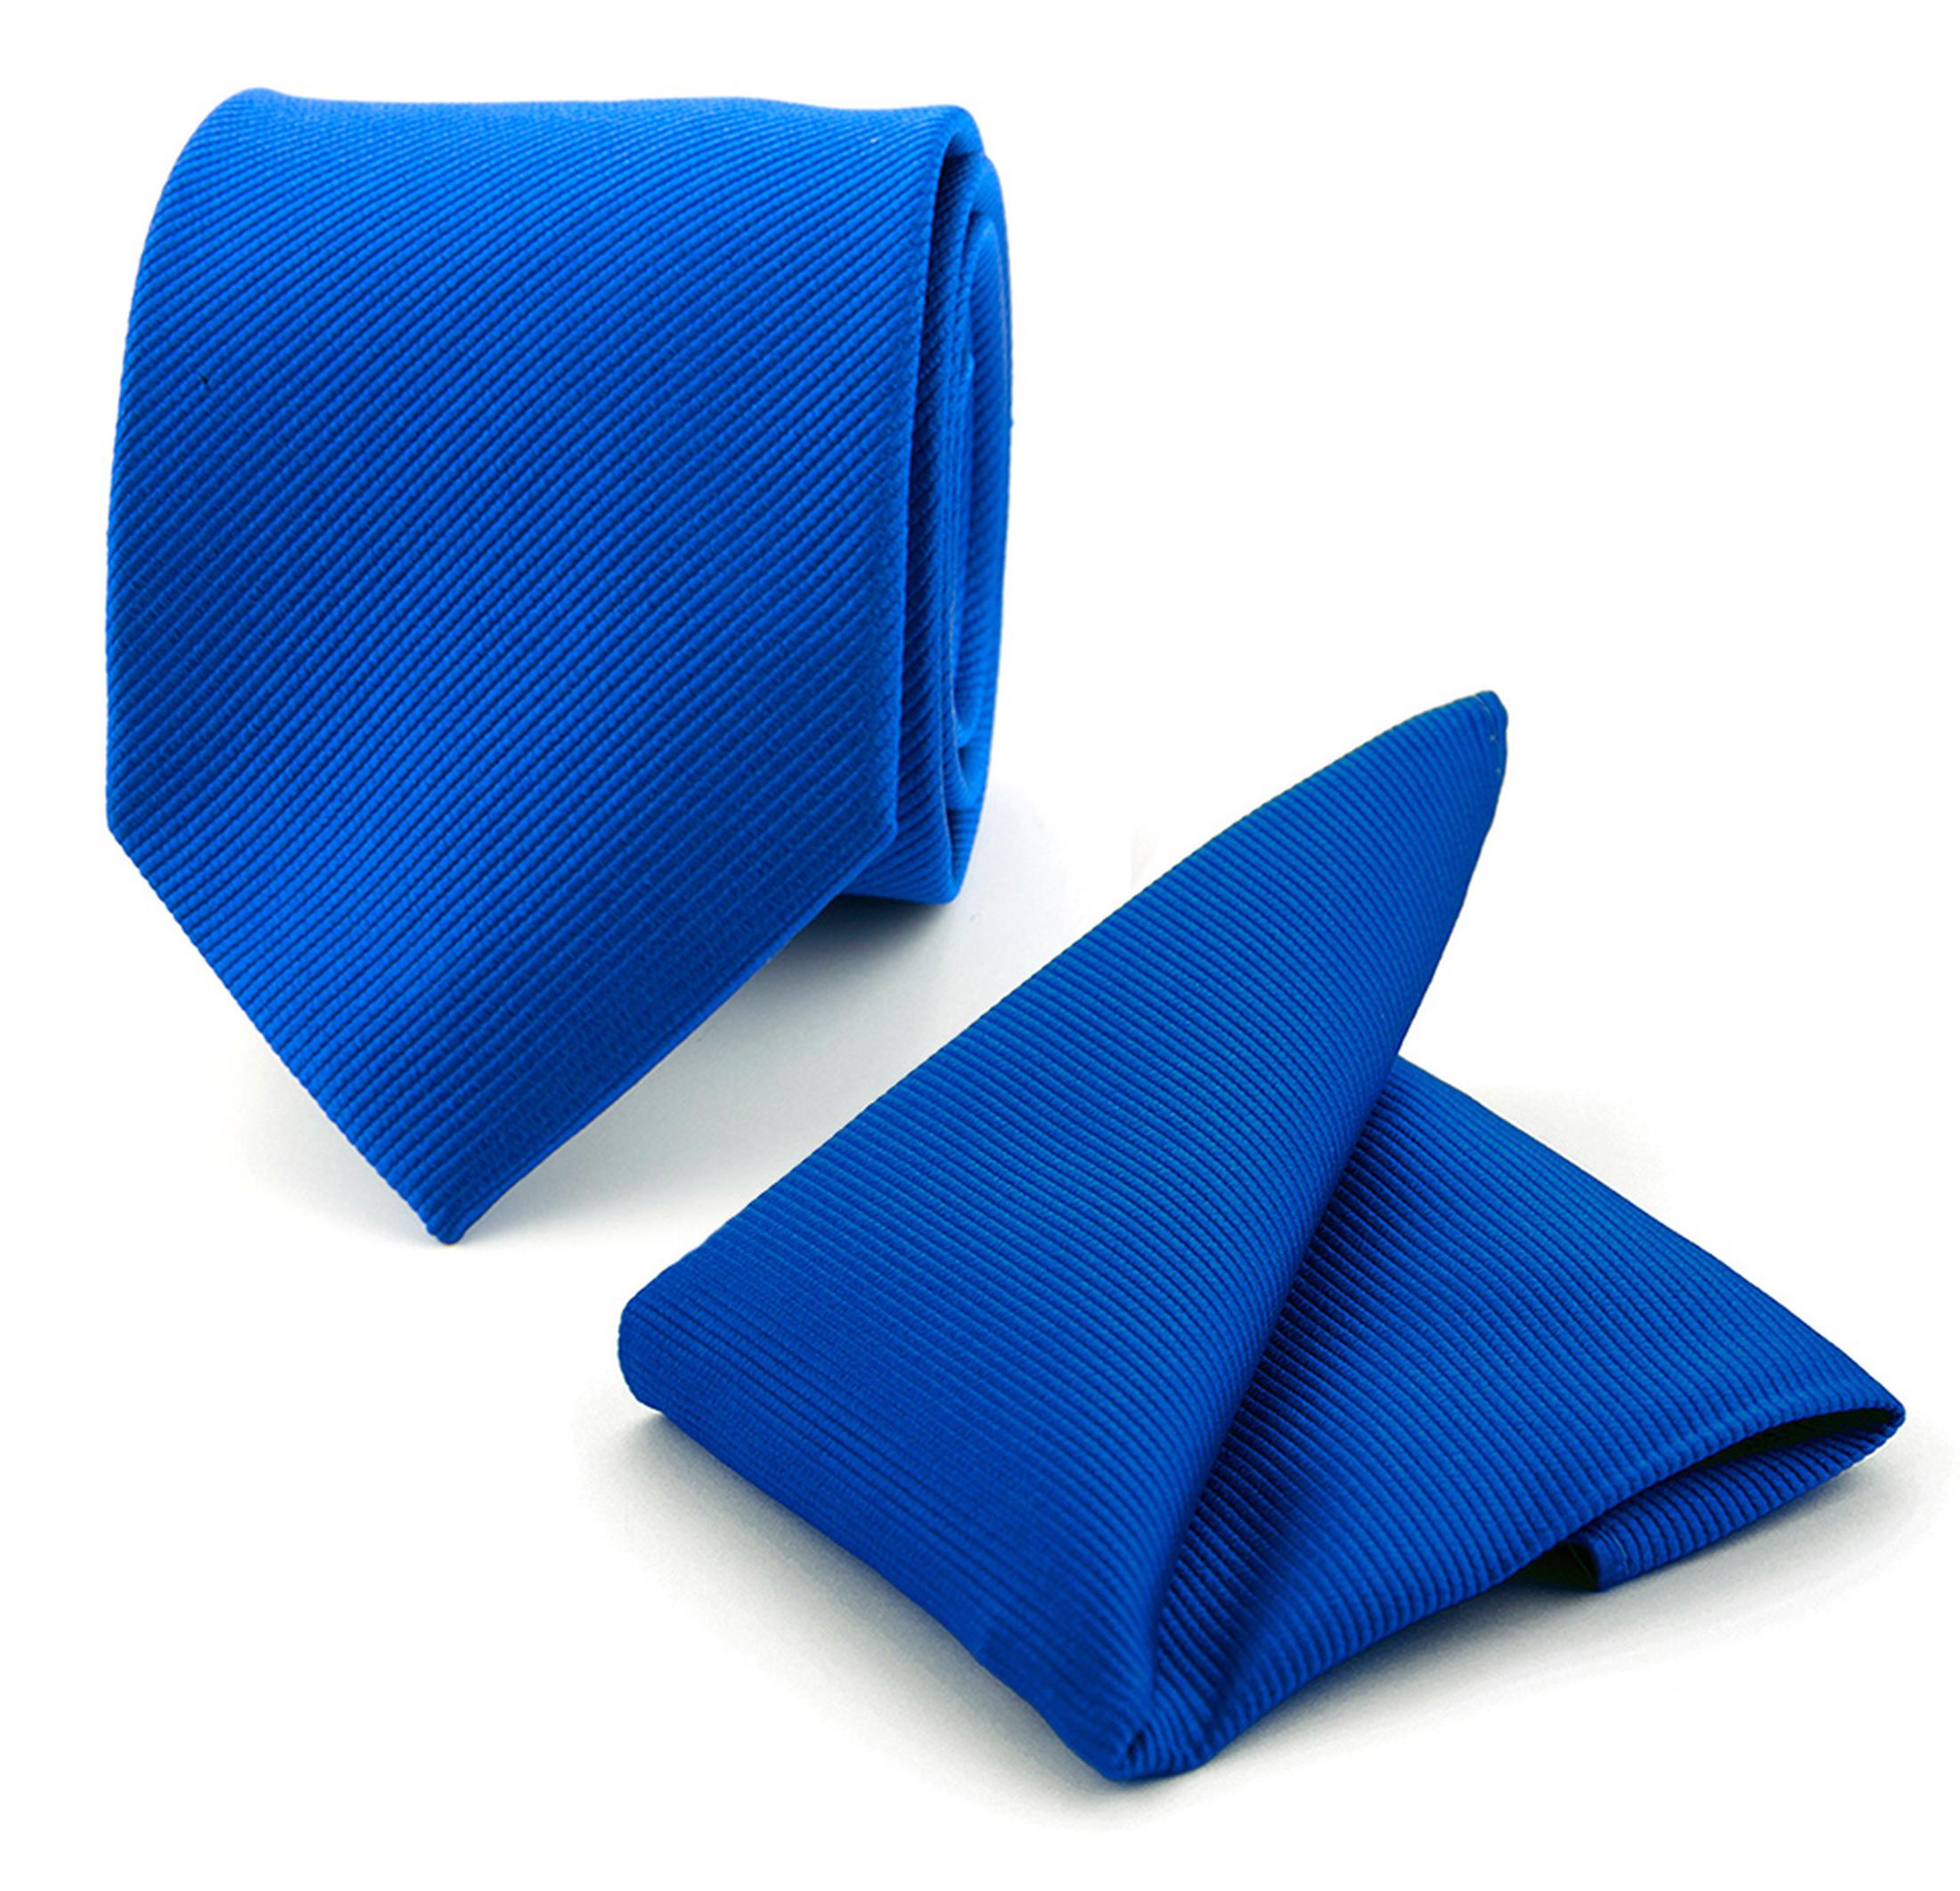 krawatte und einstecktuch set seide kolbaltblau f65. Black Bedroom Furniture Sets. Home Design Ideas